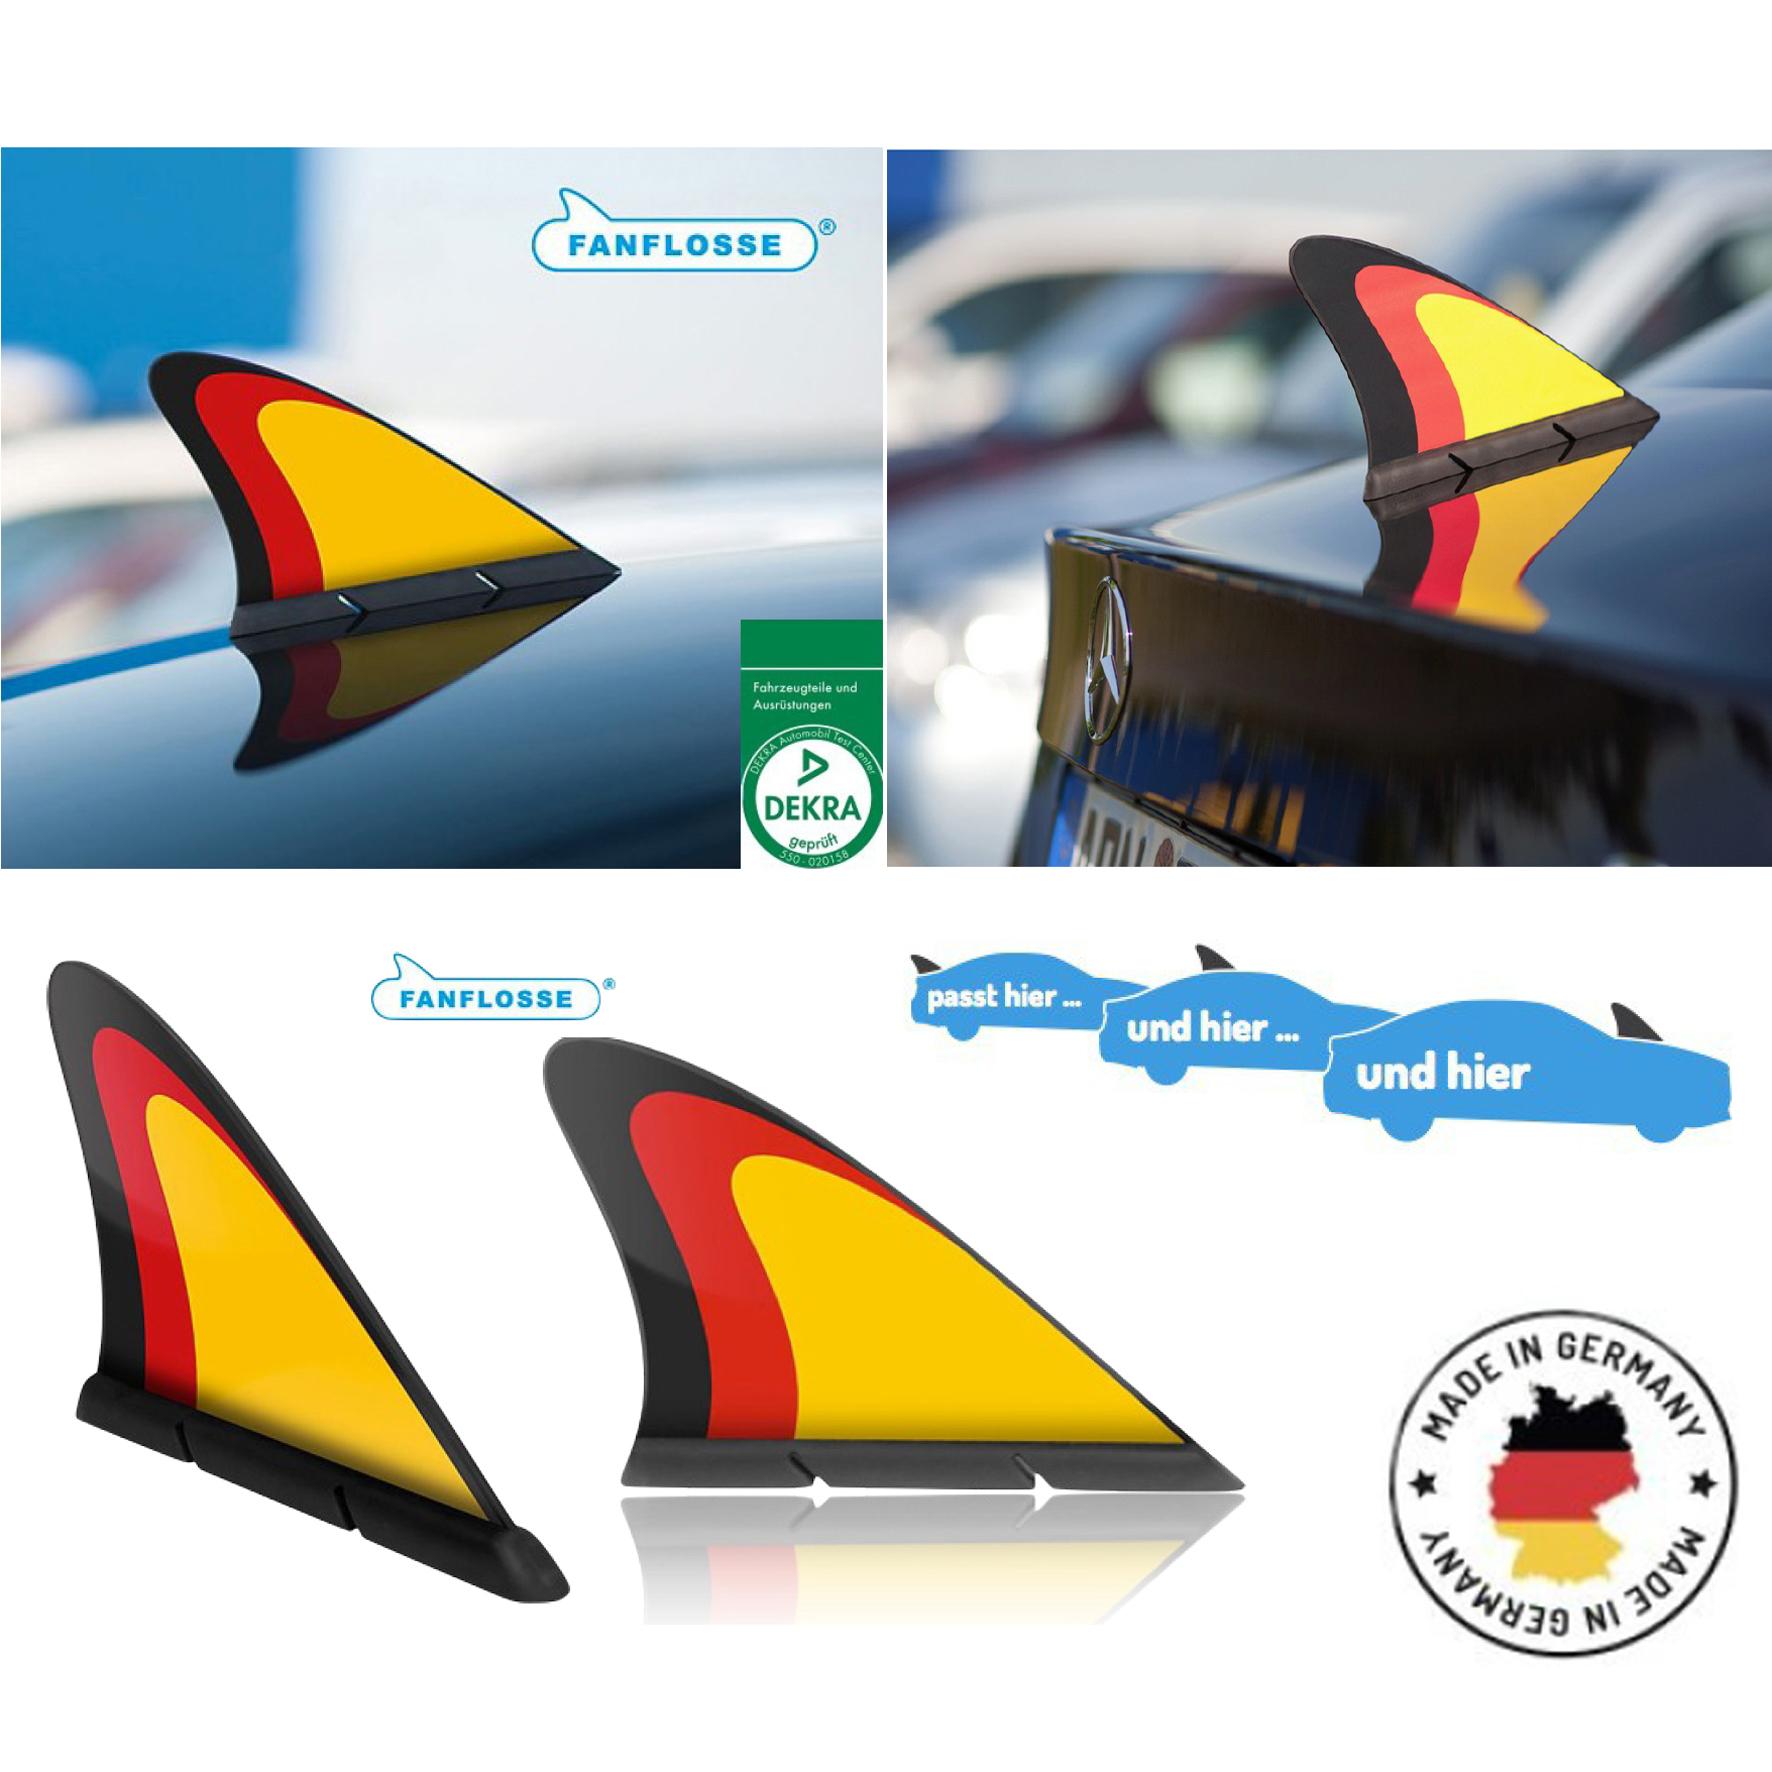 auto fanflosse deutschlandflagge deutschlandfahne haiflosse fahne deutschland ebay. Black Bedroom Furniture Sets. Home Design Ideas